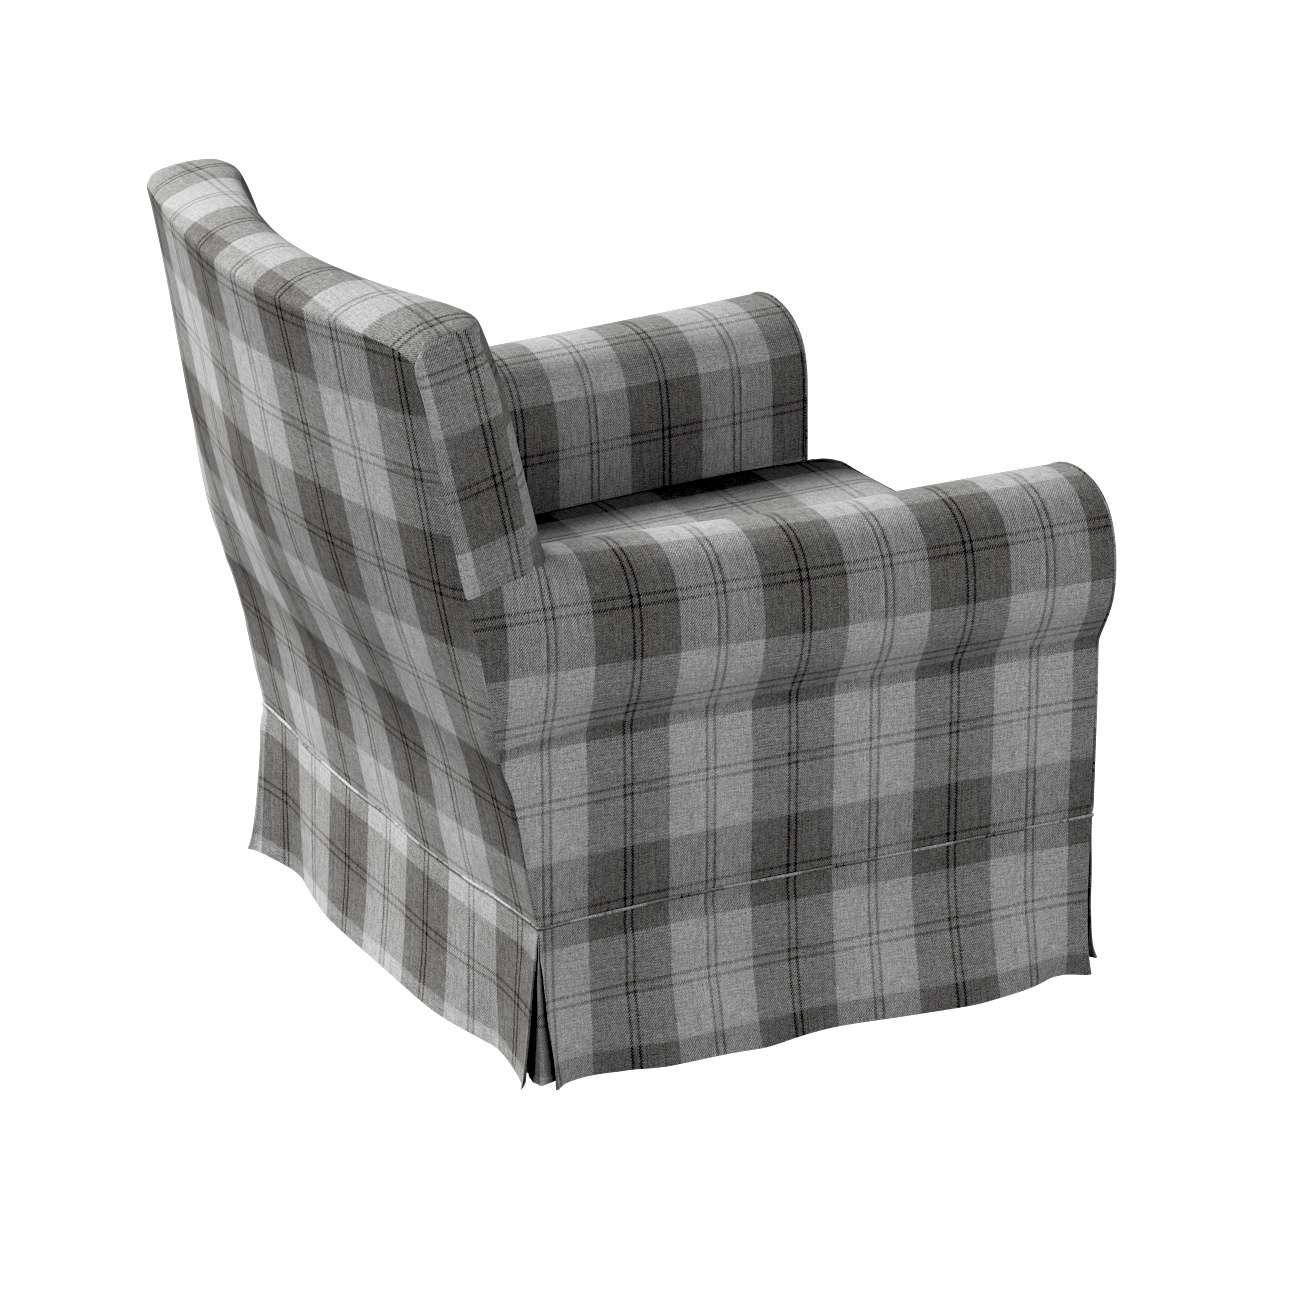 Pokrowiec na fotel Ektorp Jennylund w kolekcji Edinburgh, tkanina: 115-75